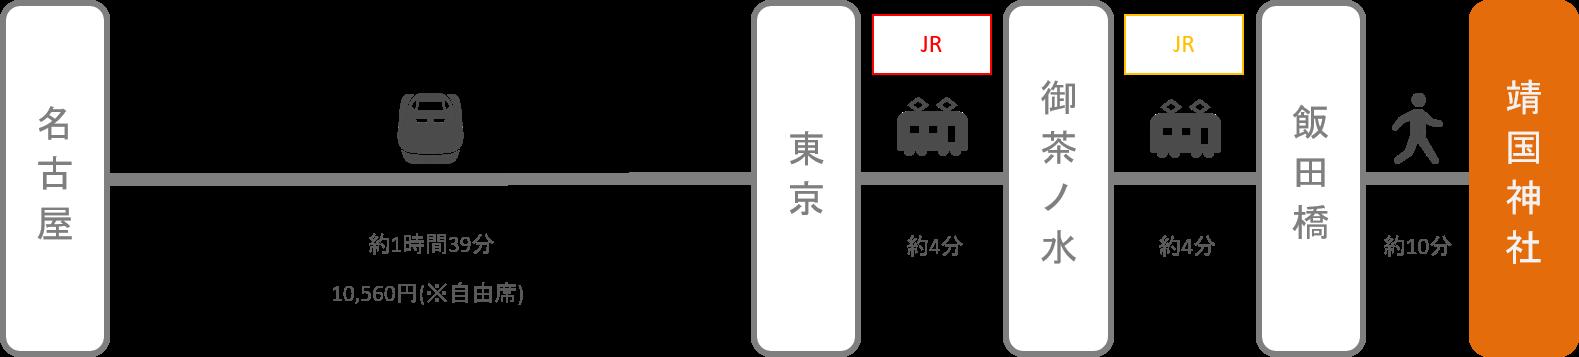 靖国神社_名古屋(愛知)_新幹線